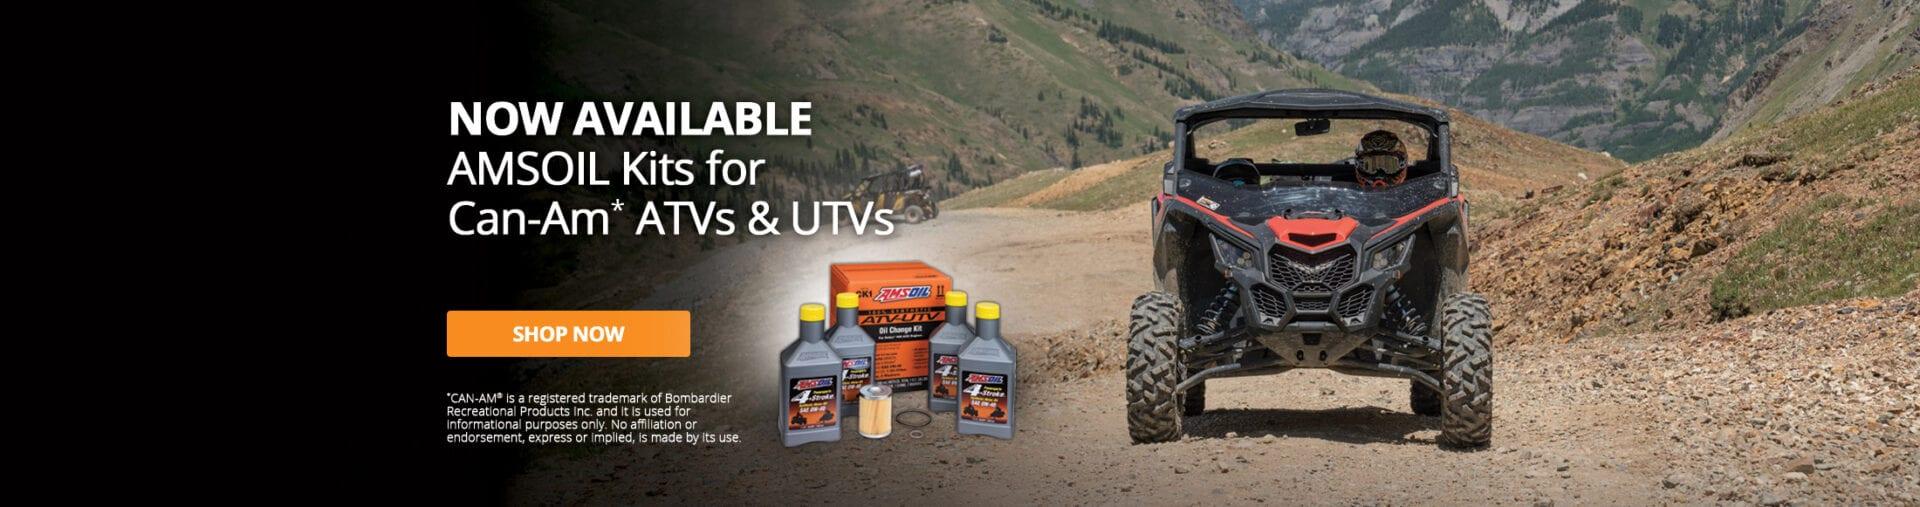 AMSOIL CAN-AM ATV/UTV Oil Change Kits